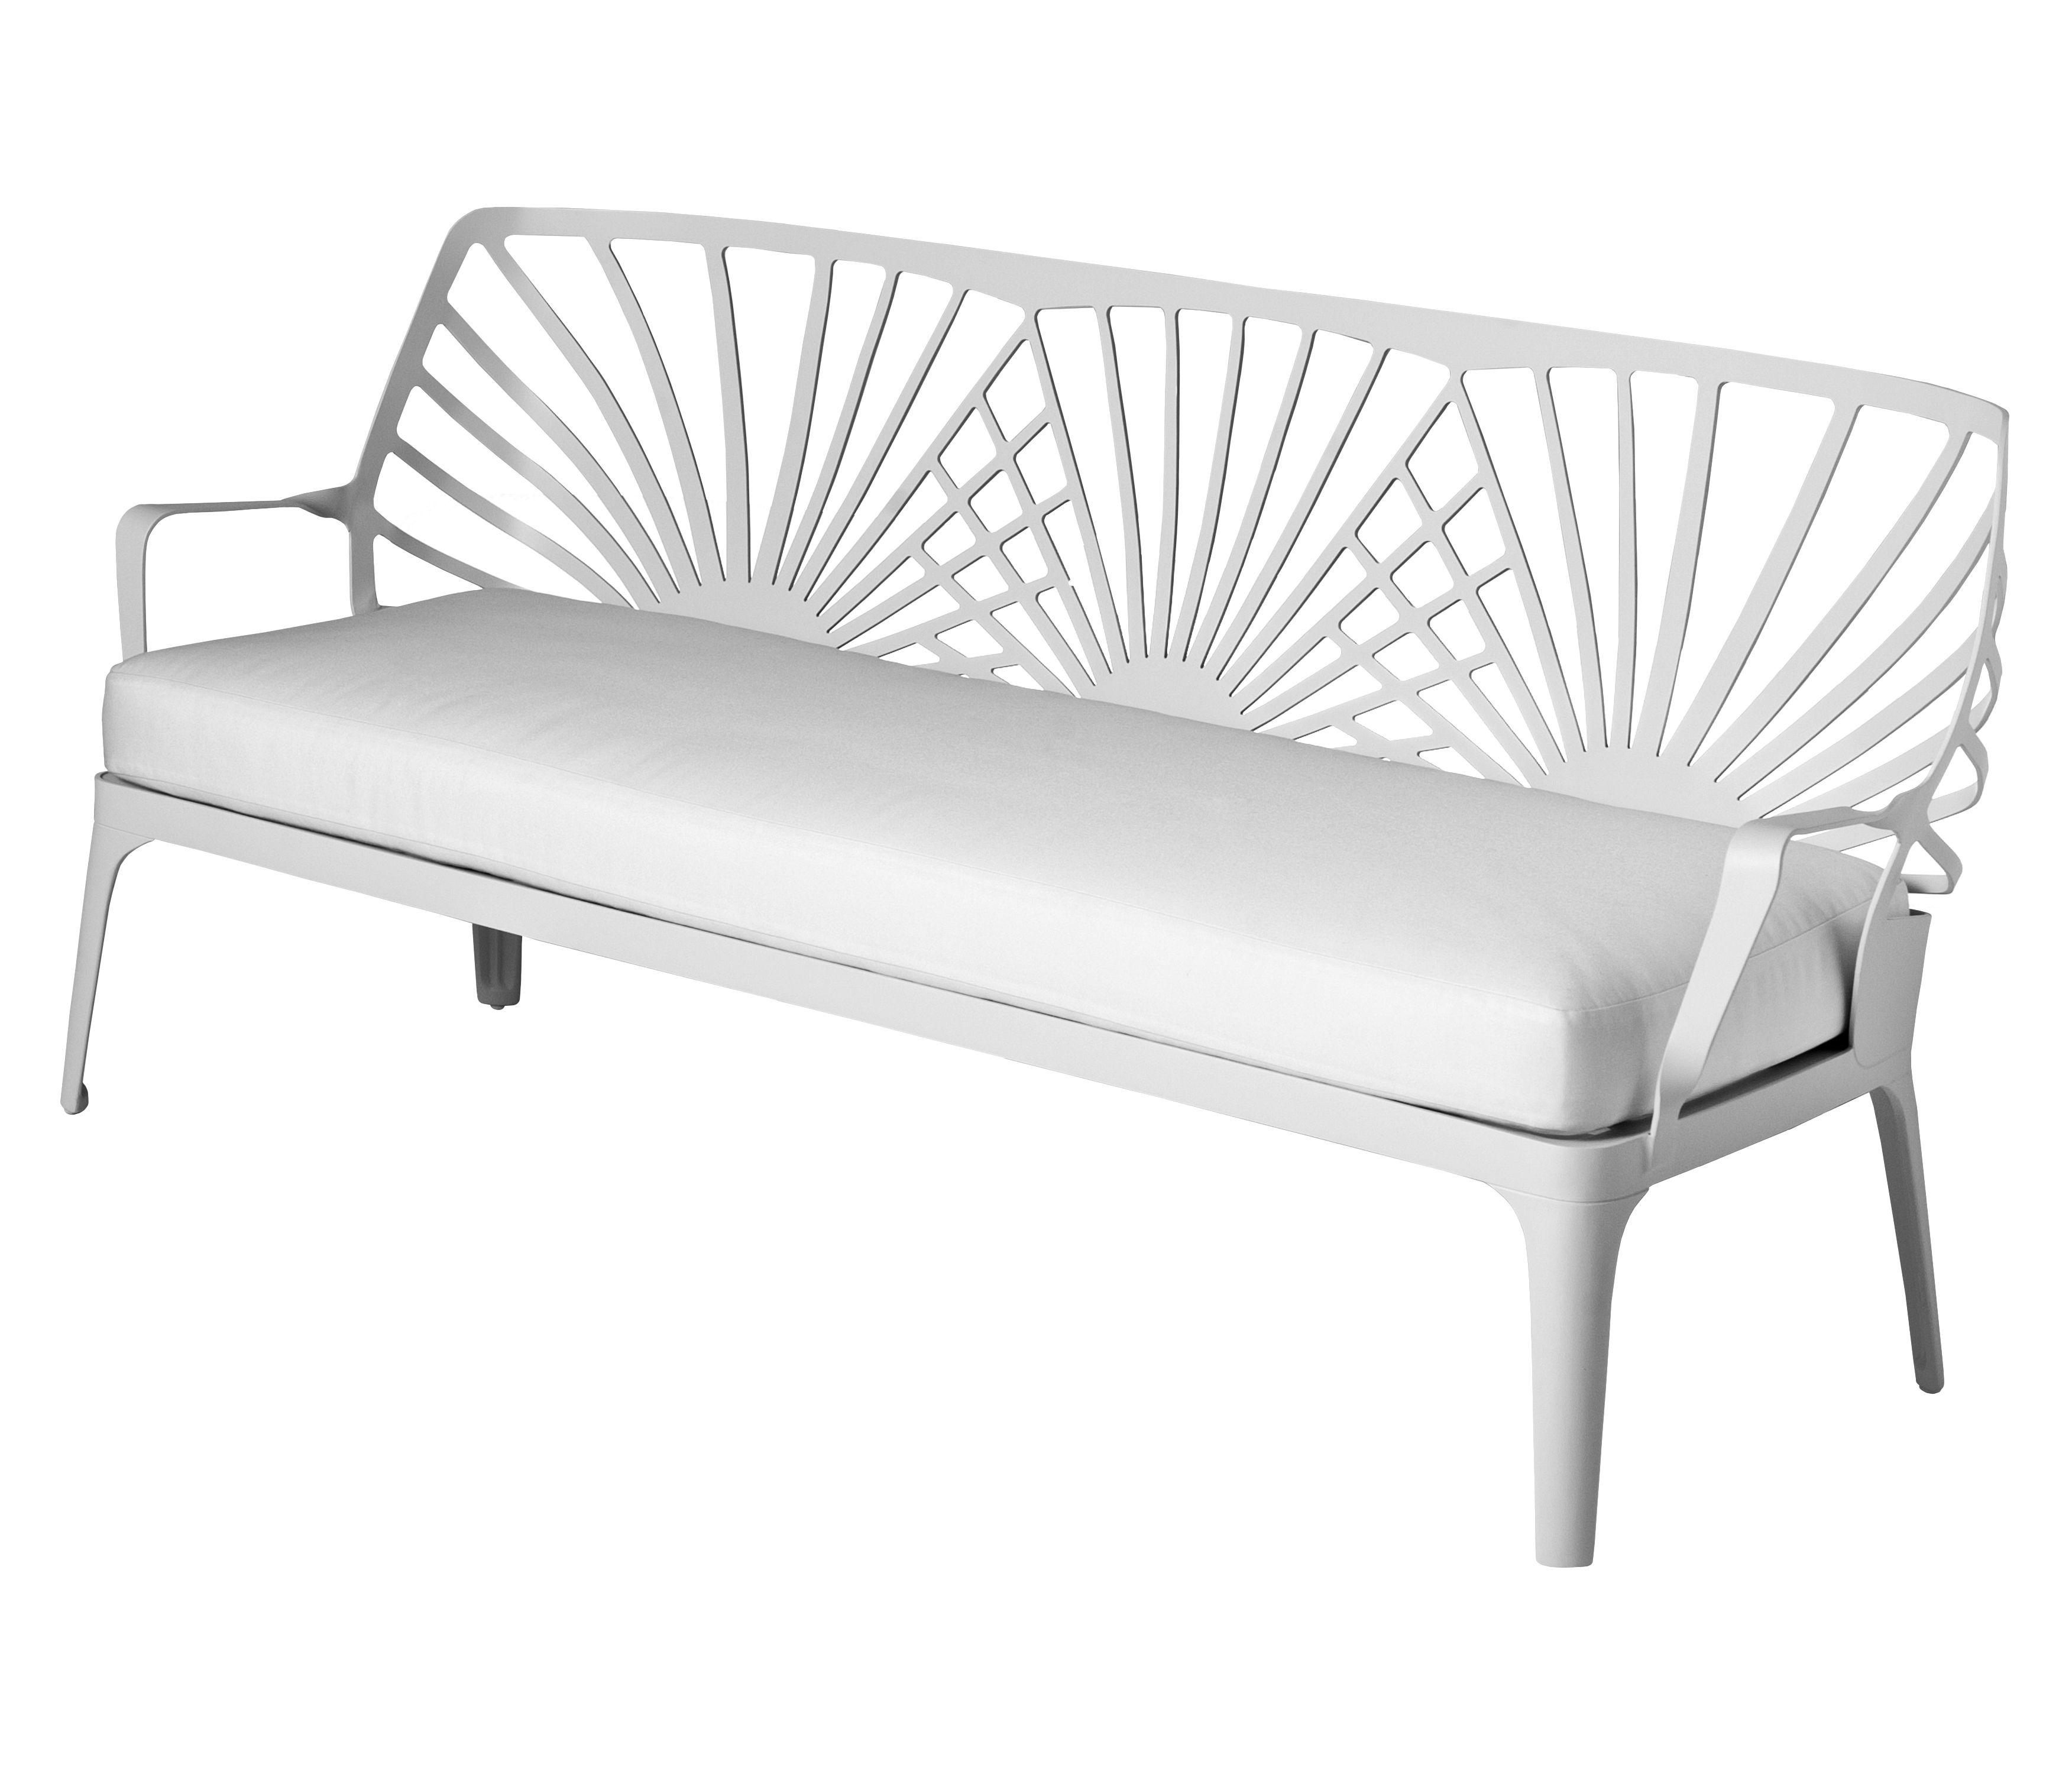 Mobilier - Canapés - Canapé droit Sunrise / L 171 cm - Driade - Blanc - Aluminium laqué, Tissu